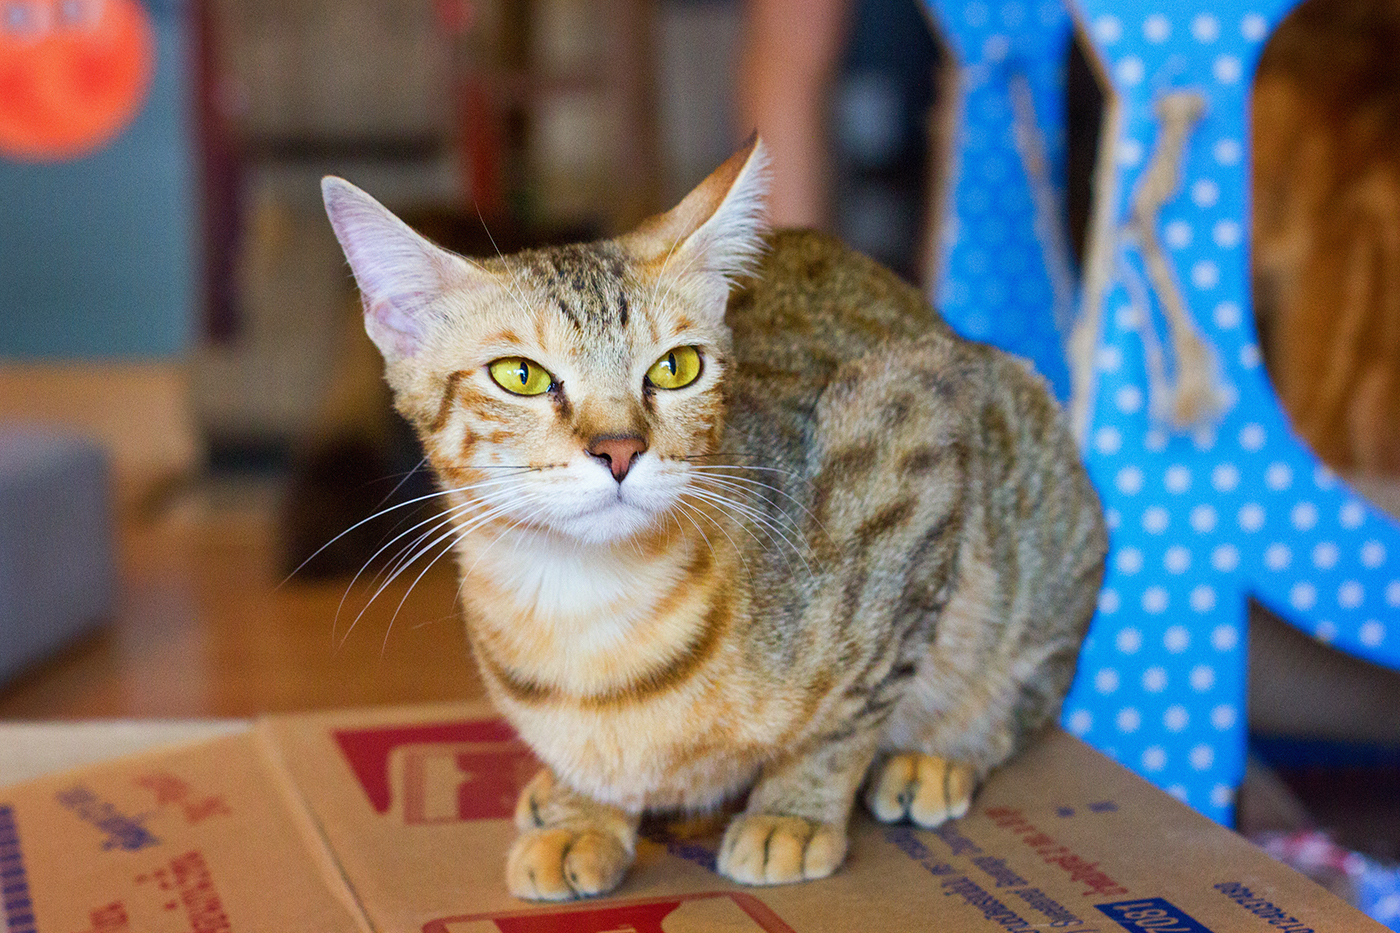 Kattencafé Catmosphere, cat café, catmosphere, chiang mai, thailand, katten, cats, café